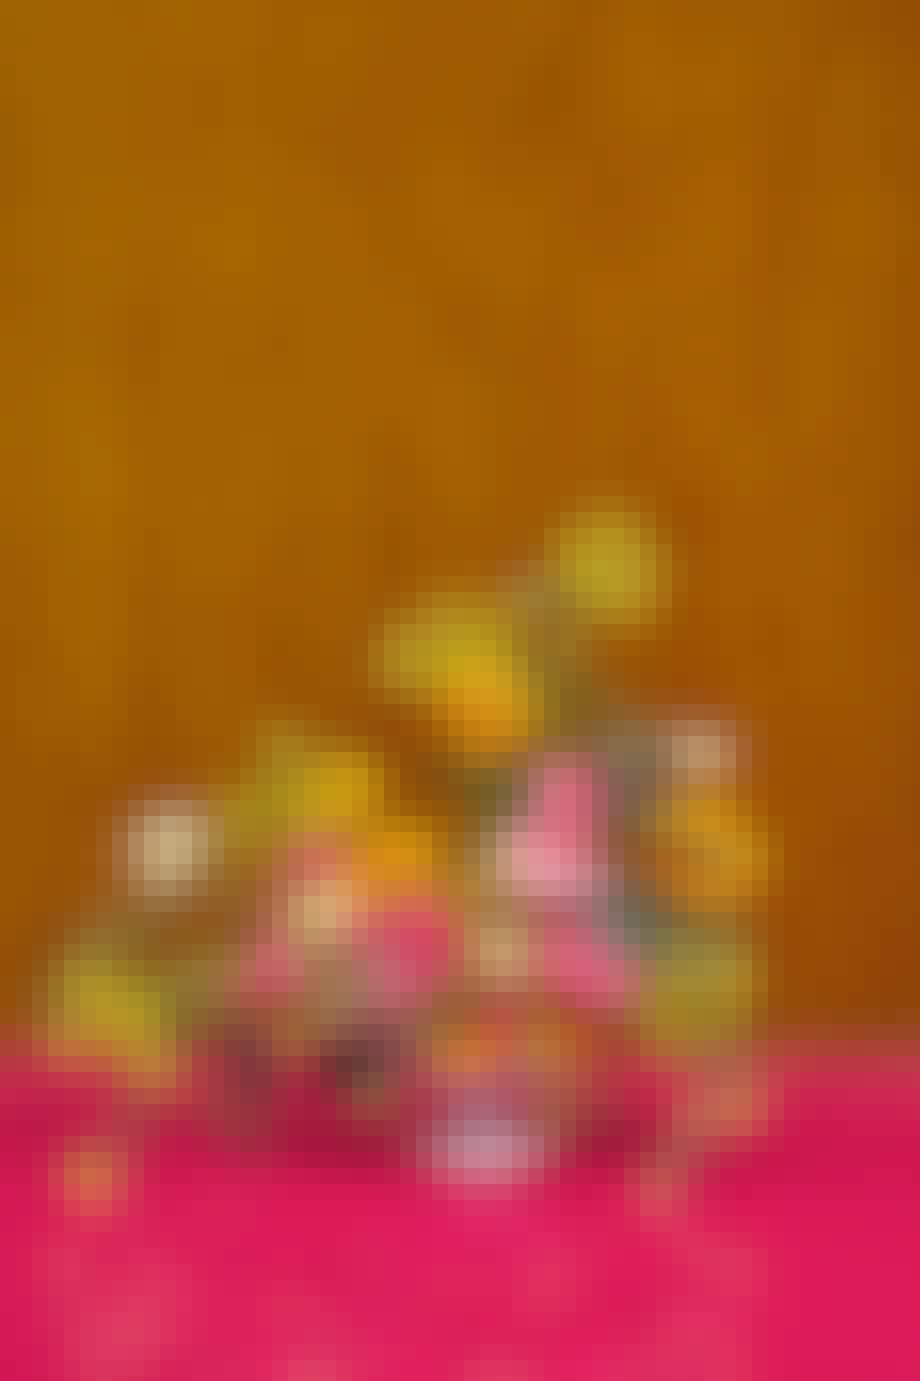 farverig buket fra bogen blomst af uffe buchard